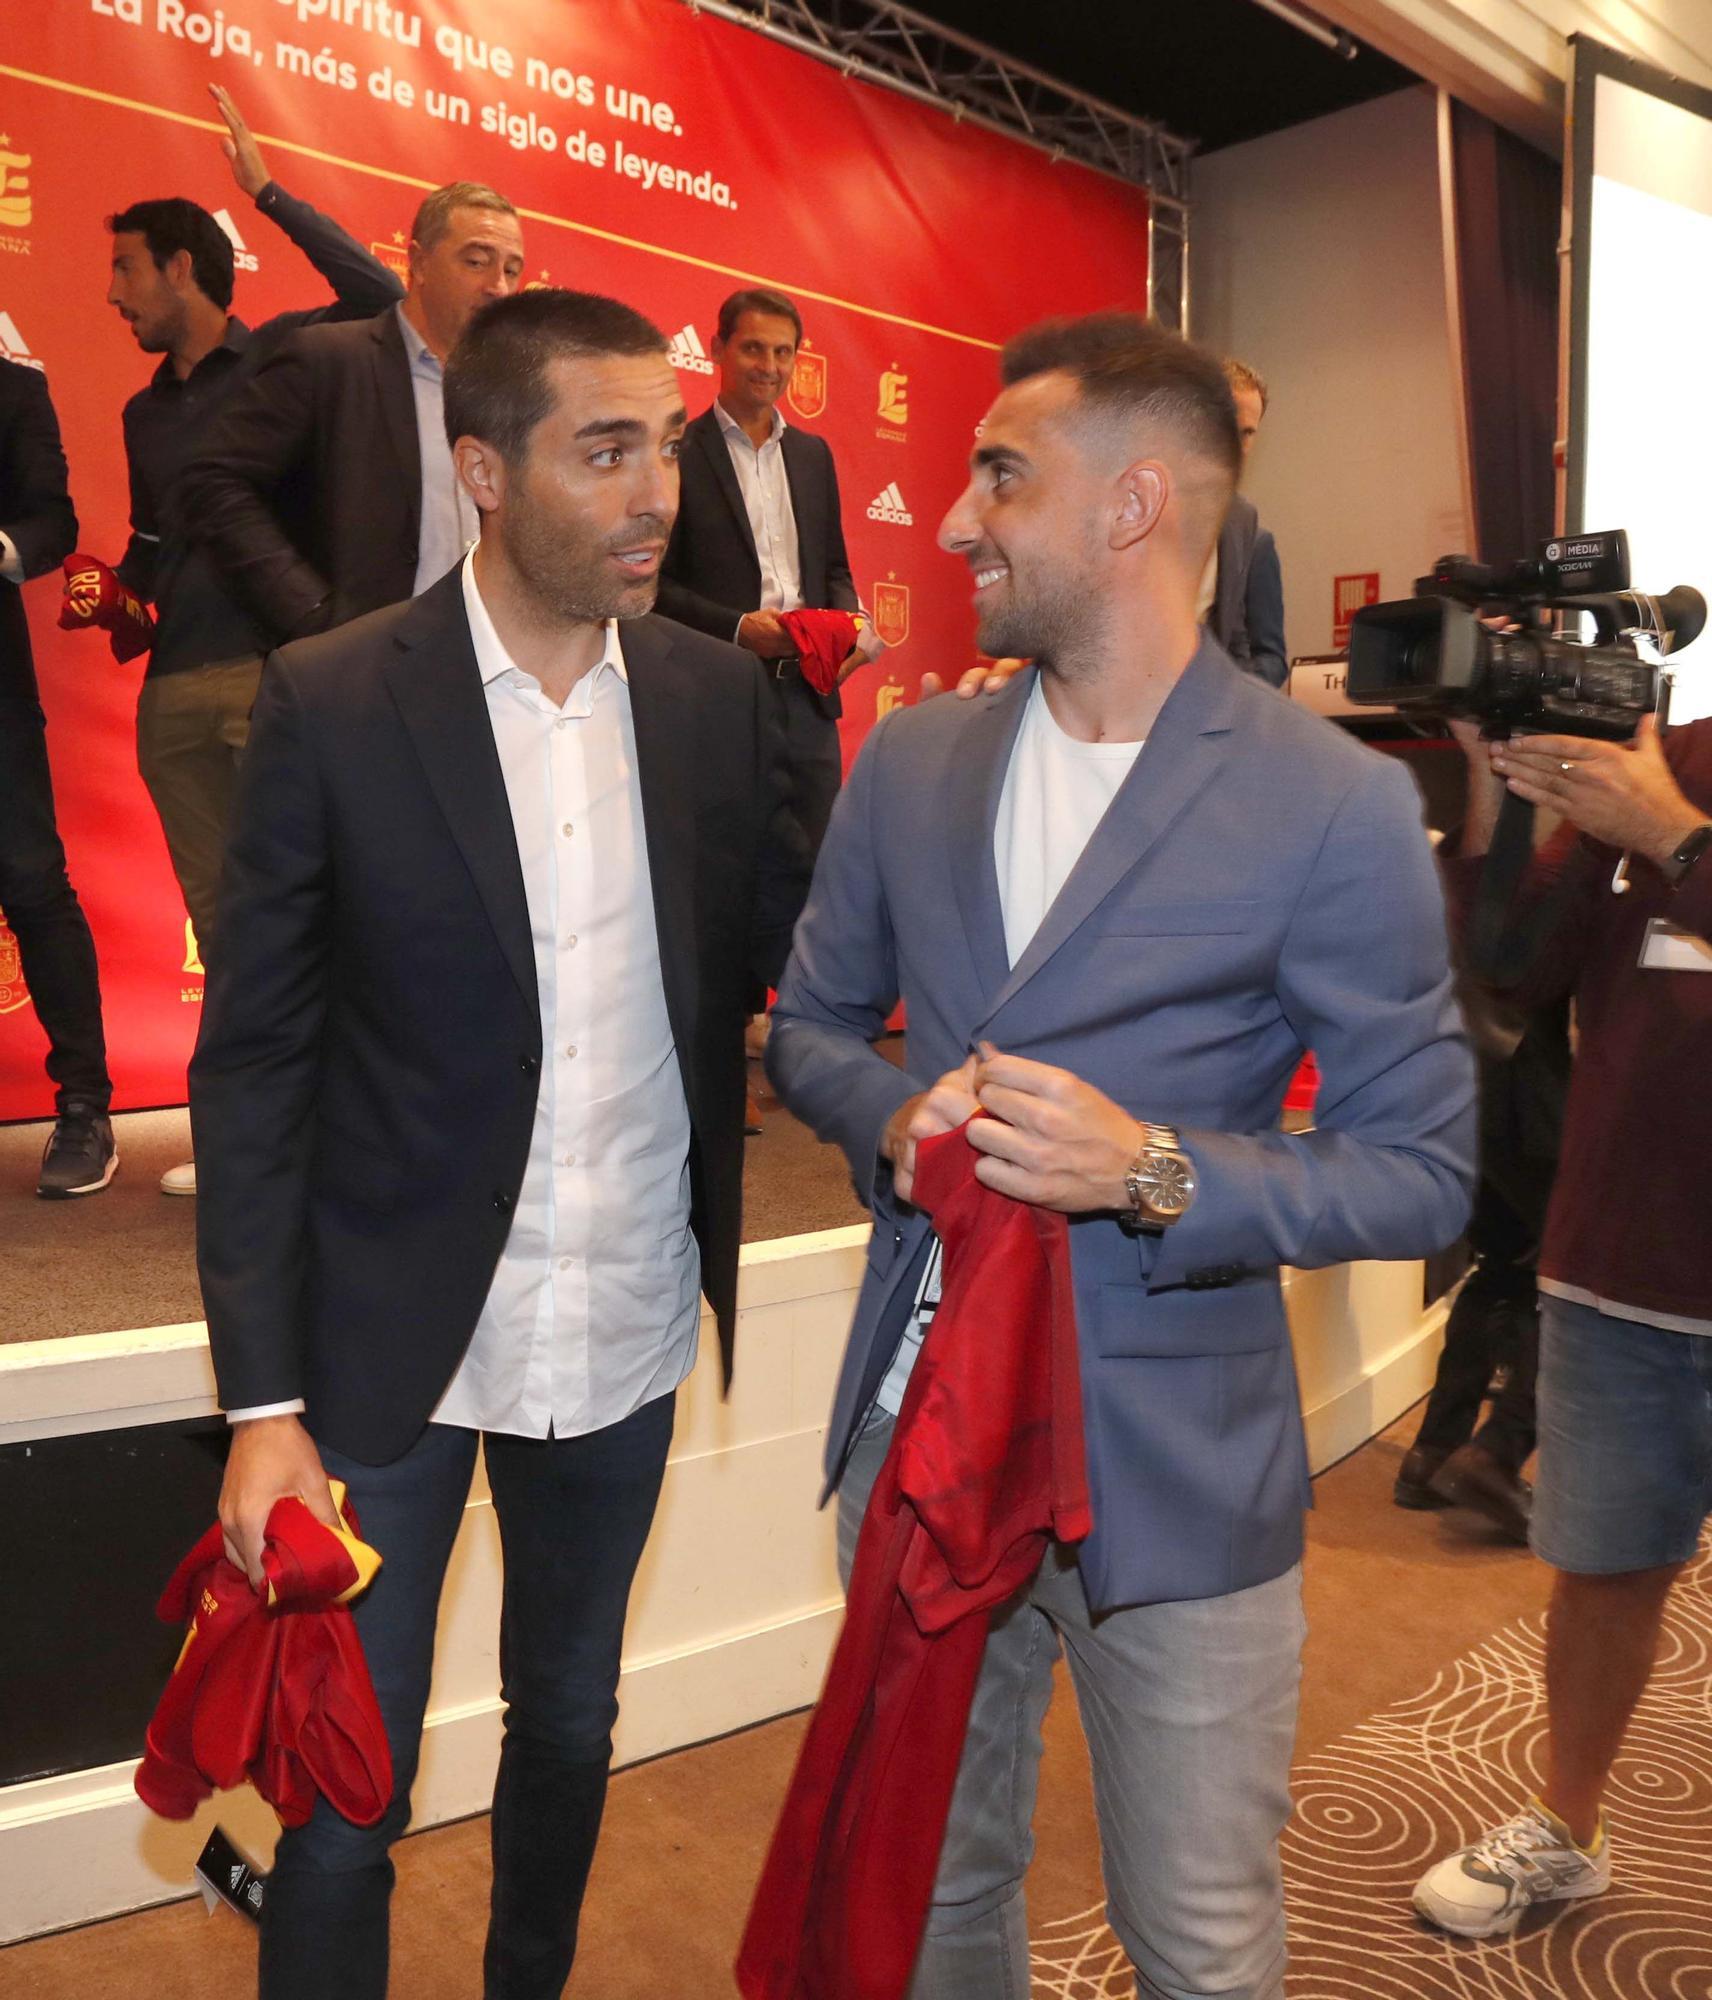 El corazón de La Roja se reúne en València